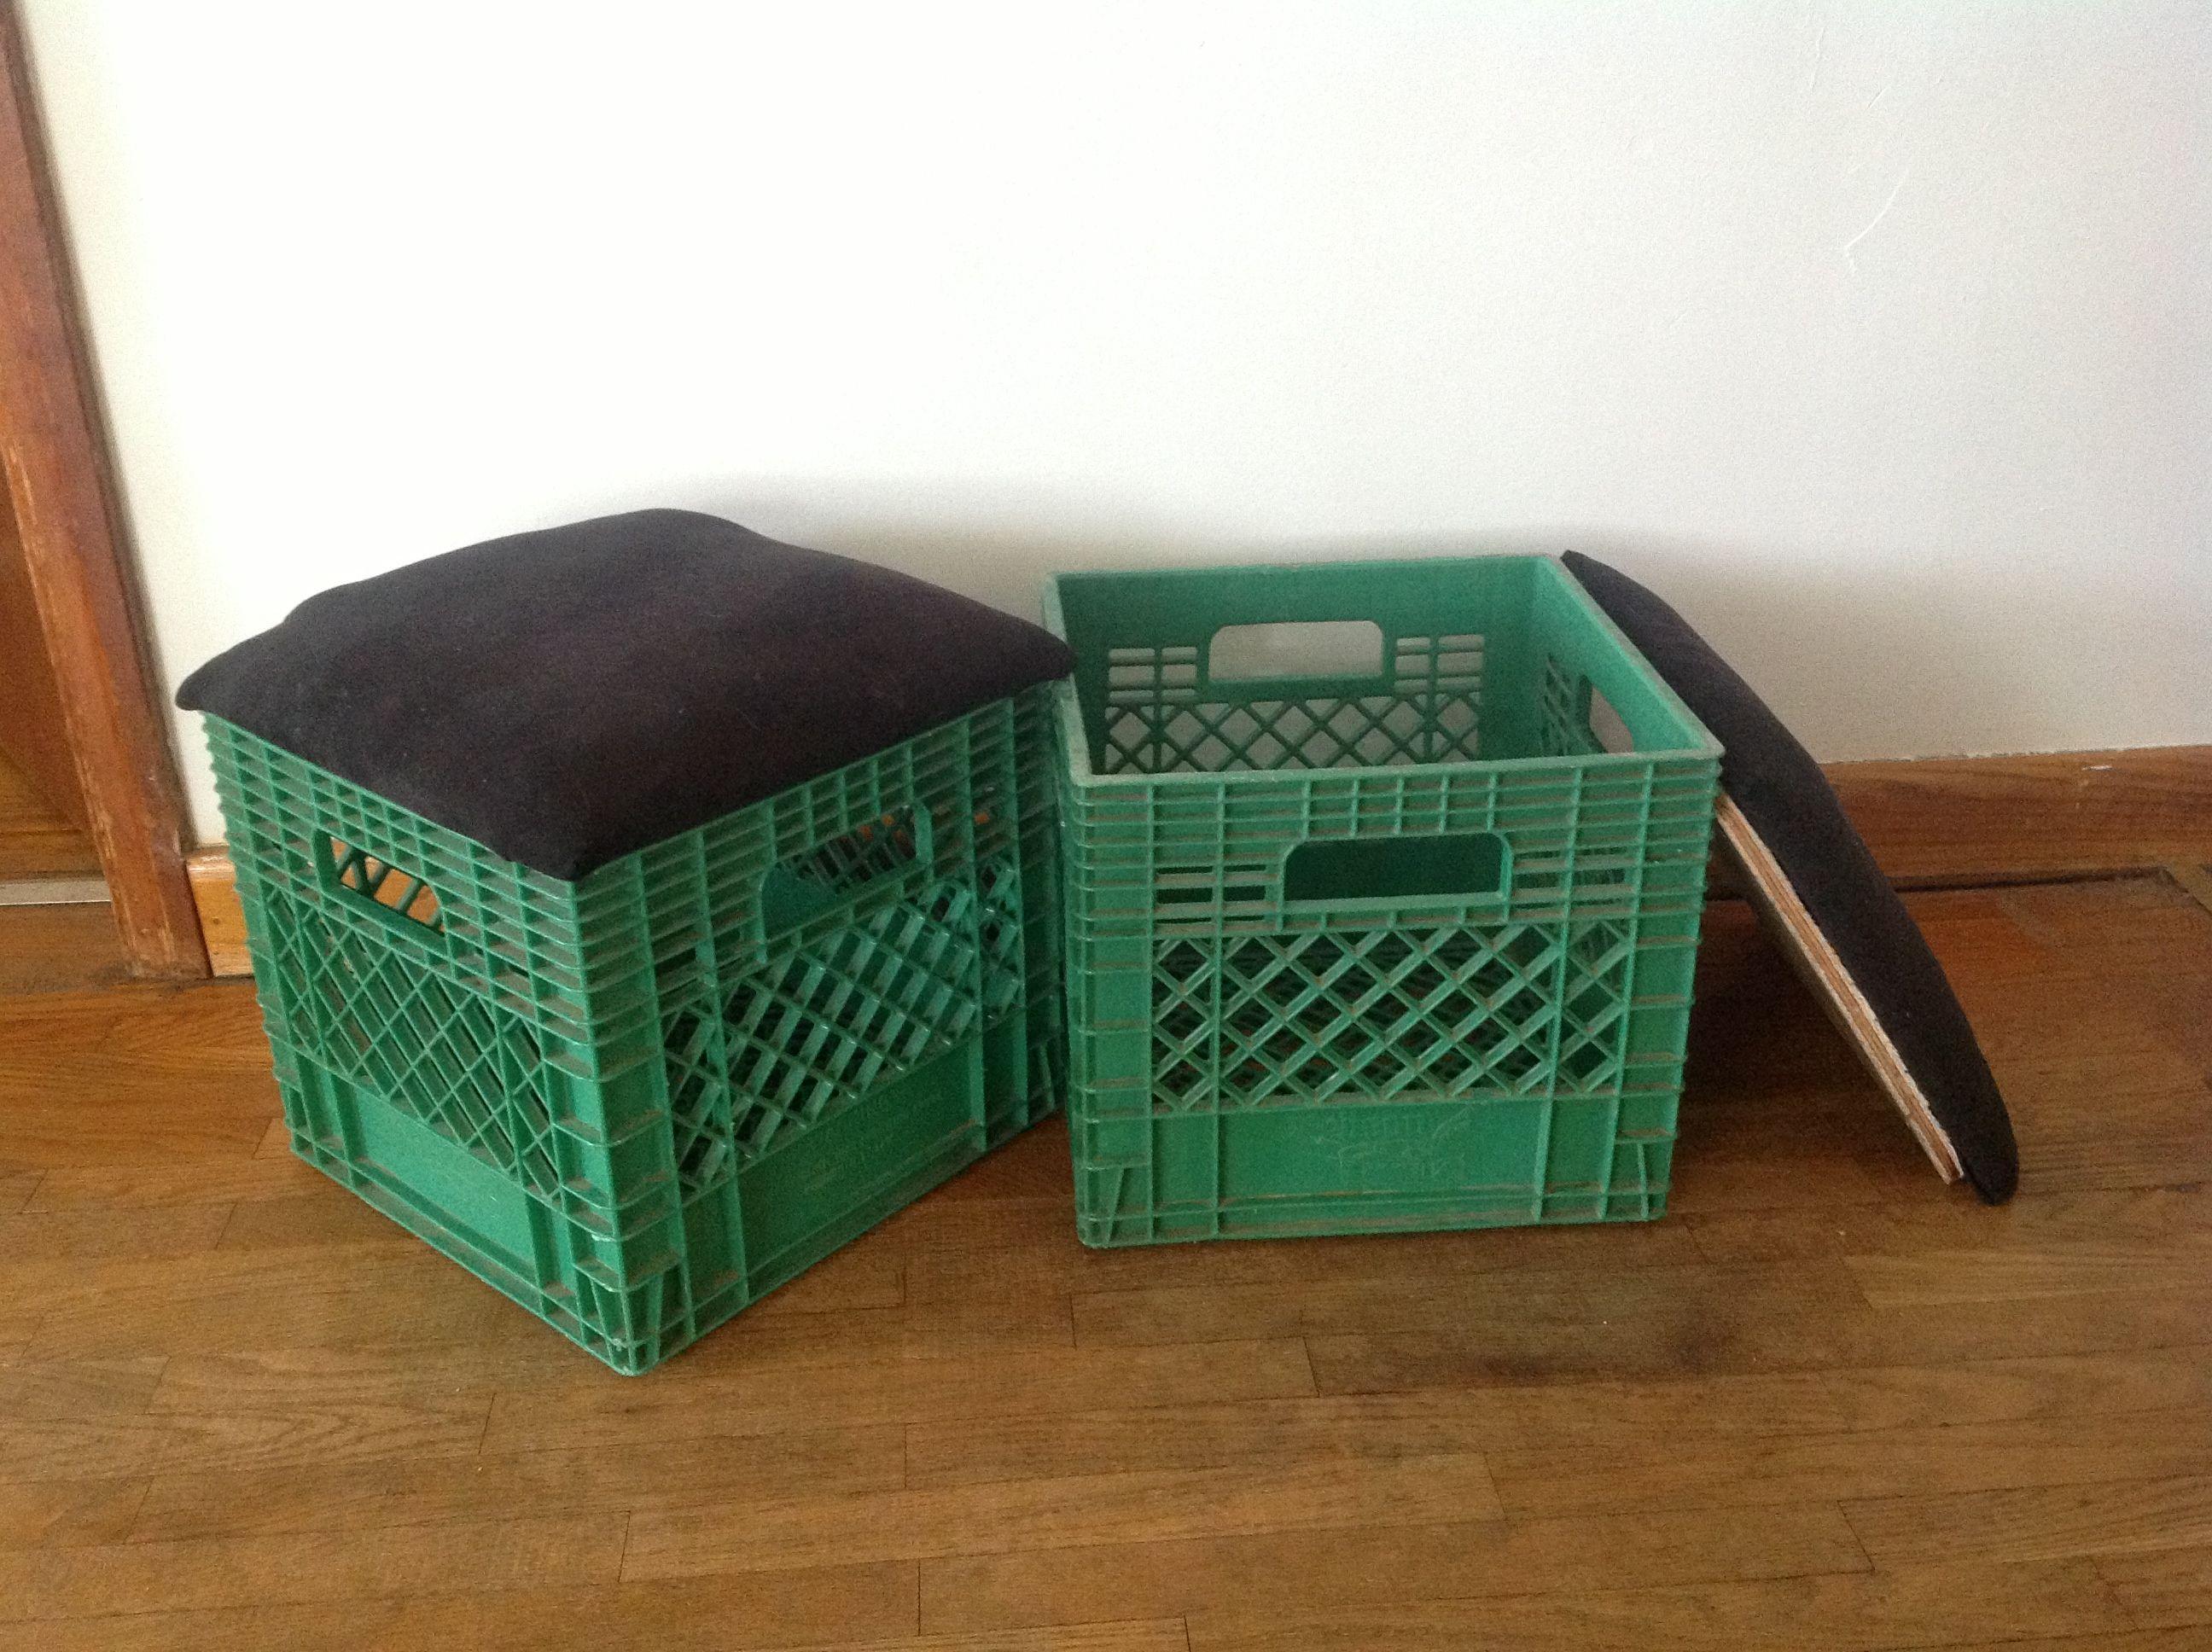 les 25 meilleures id es de la cat gorie chaises de caisse de lait sur pinterest id es de. Black Bedroom Furniture Sets. Home Design Ideas